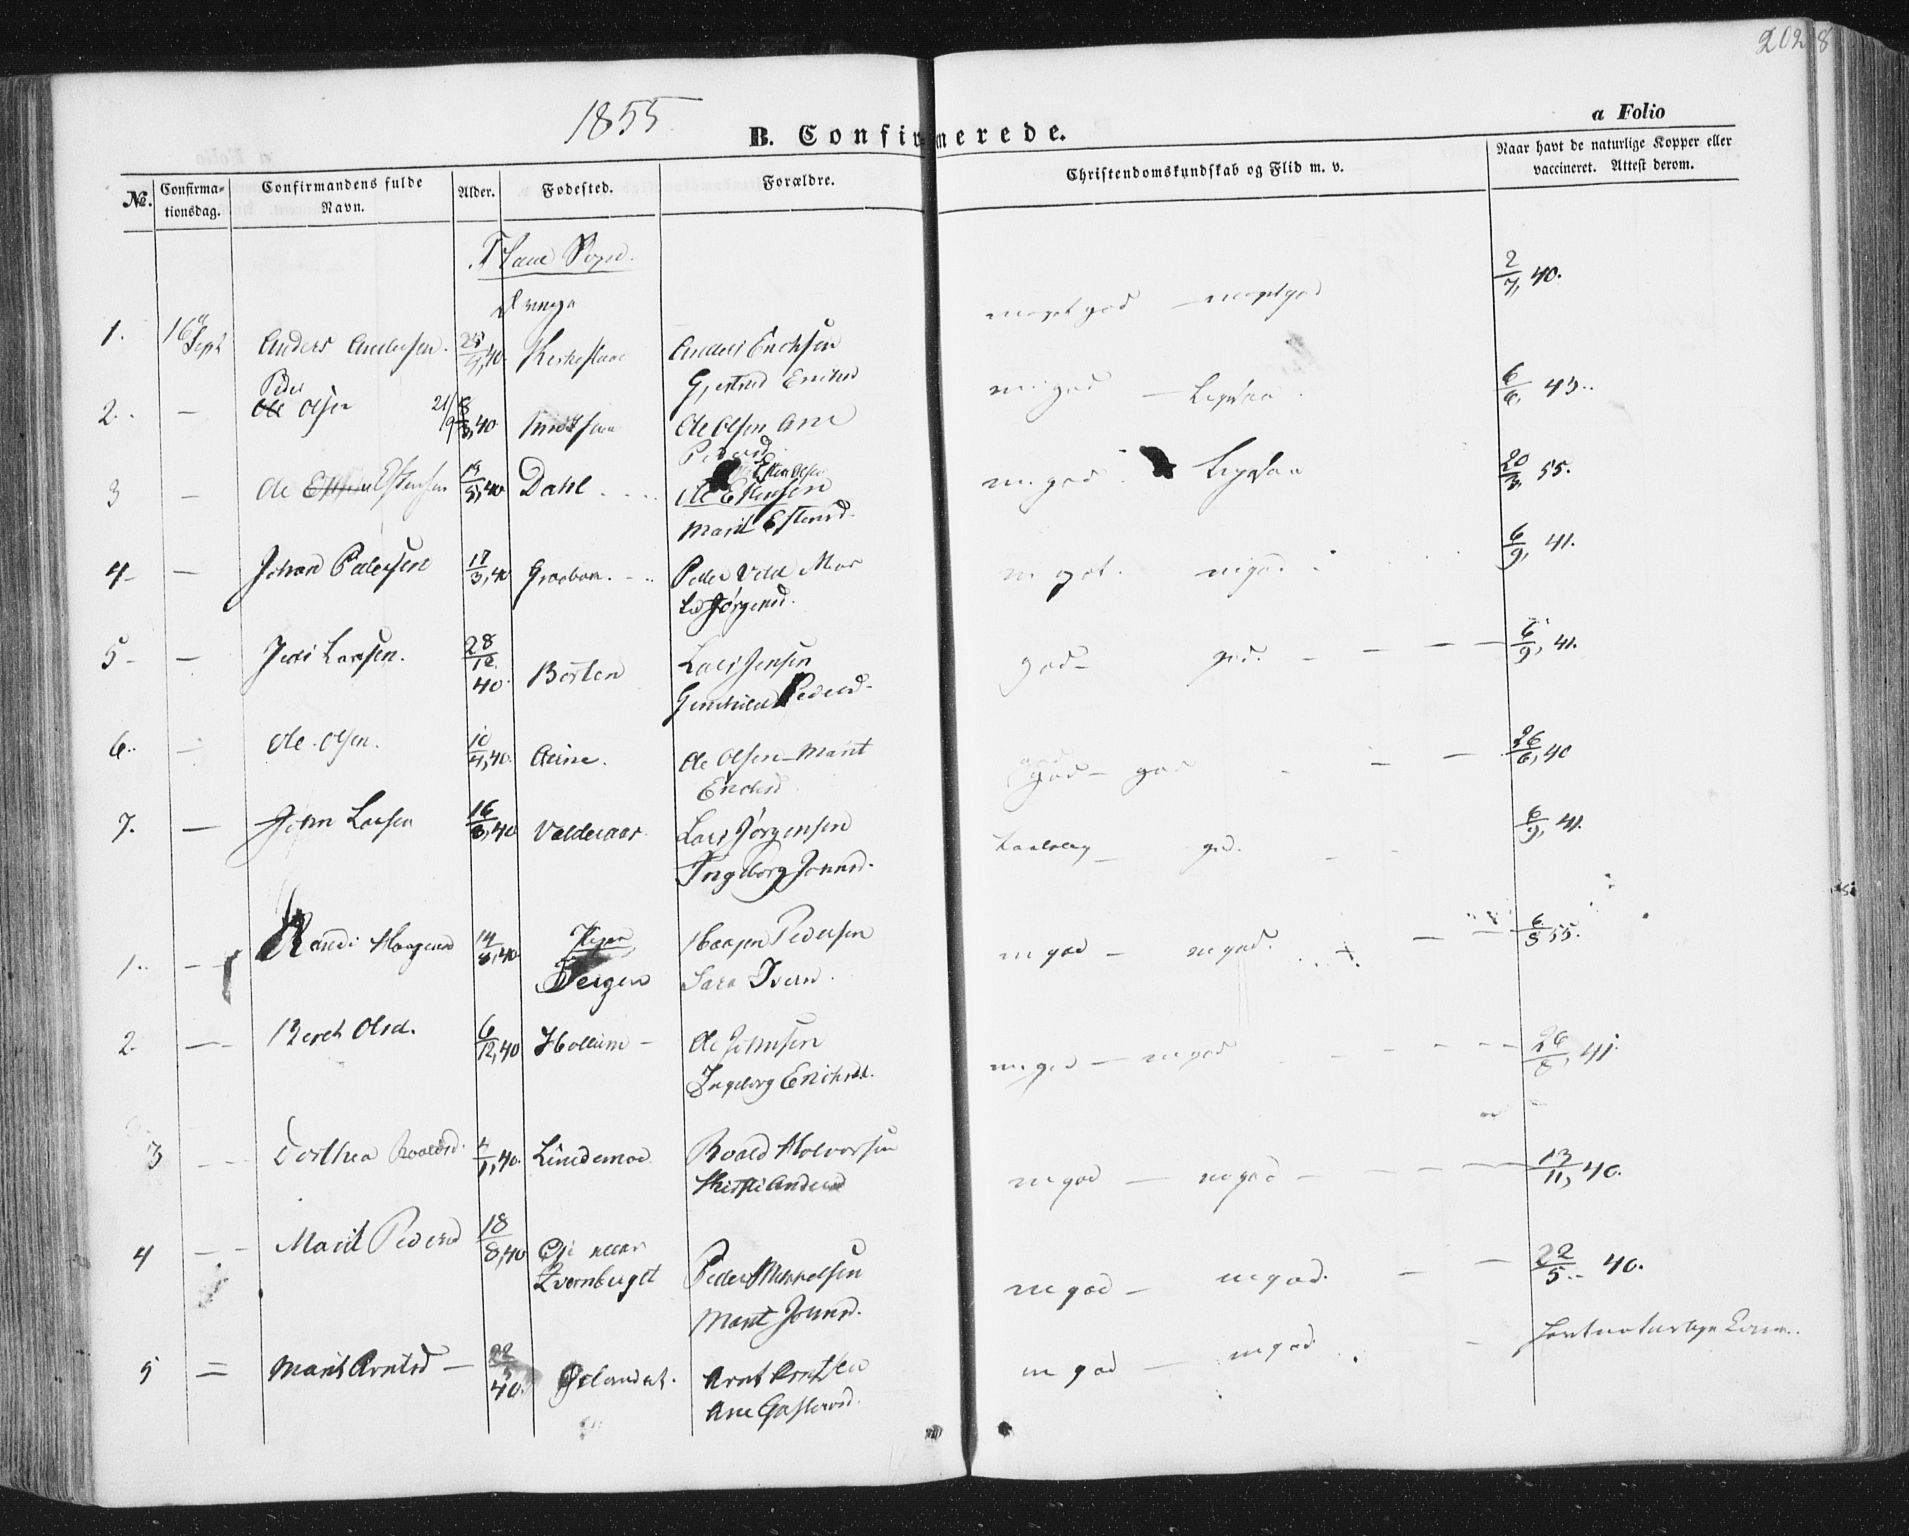 SAT, Ministerialprotokoller, klokkerbøker og fødselsregistre - Sør-Trøndelag, 691/L1076: Ministerialbok nr. 691A08, 1852-1861, s. 202